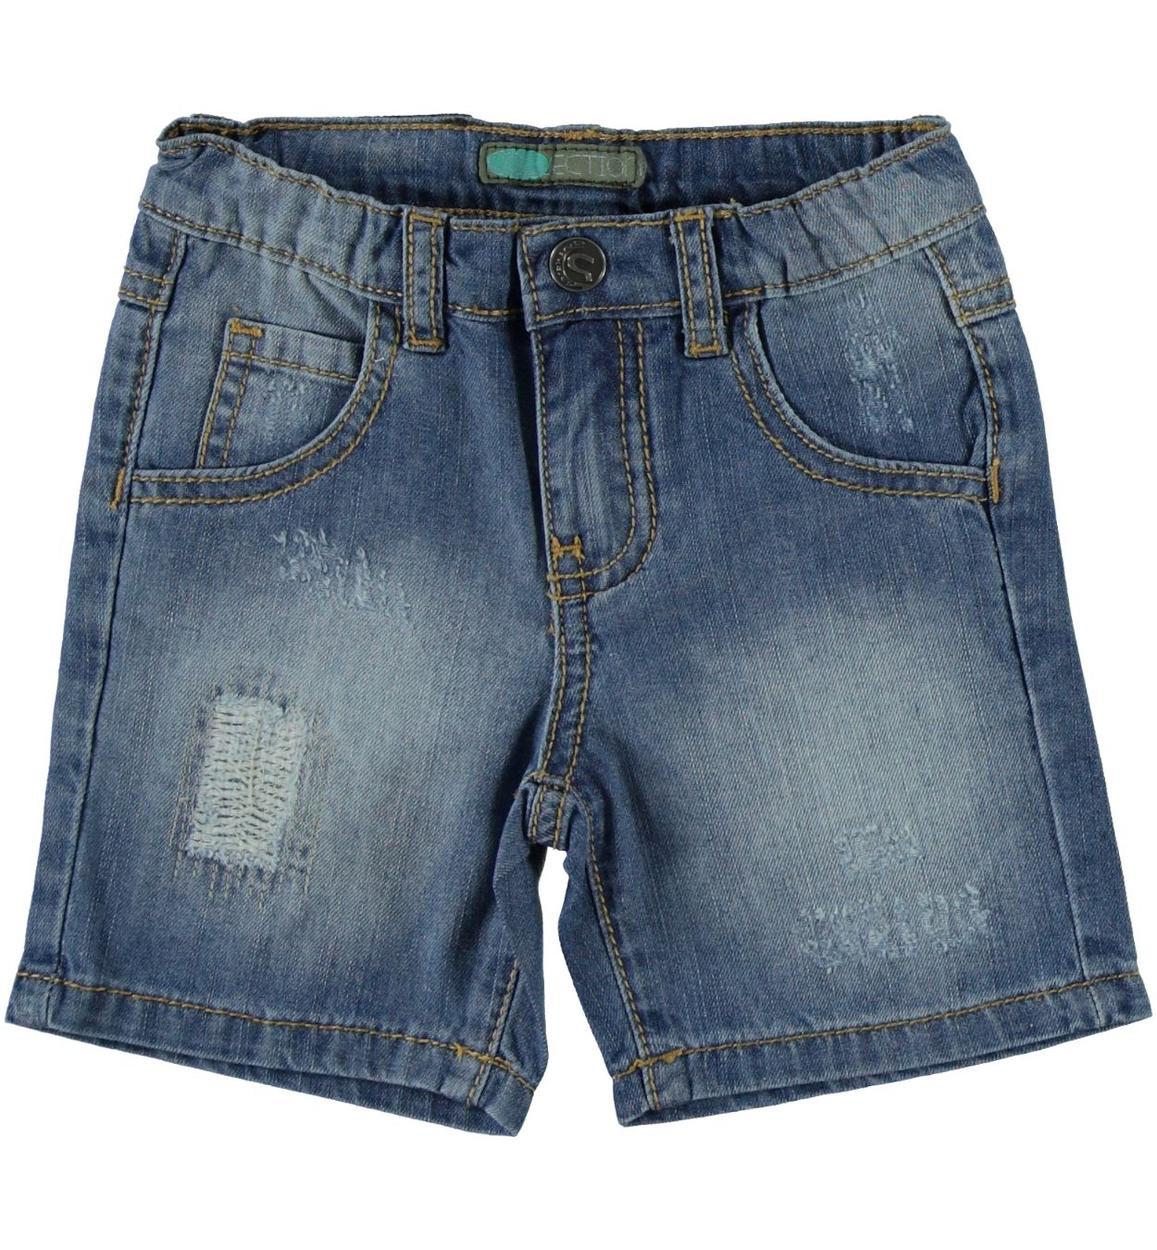 5c69025193 Pantaloncino in denim 100% cotone effetto delavato e consumato per bambino  da 6 mesi a 7 anni Sarabanda